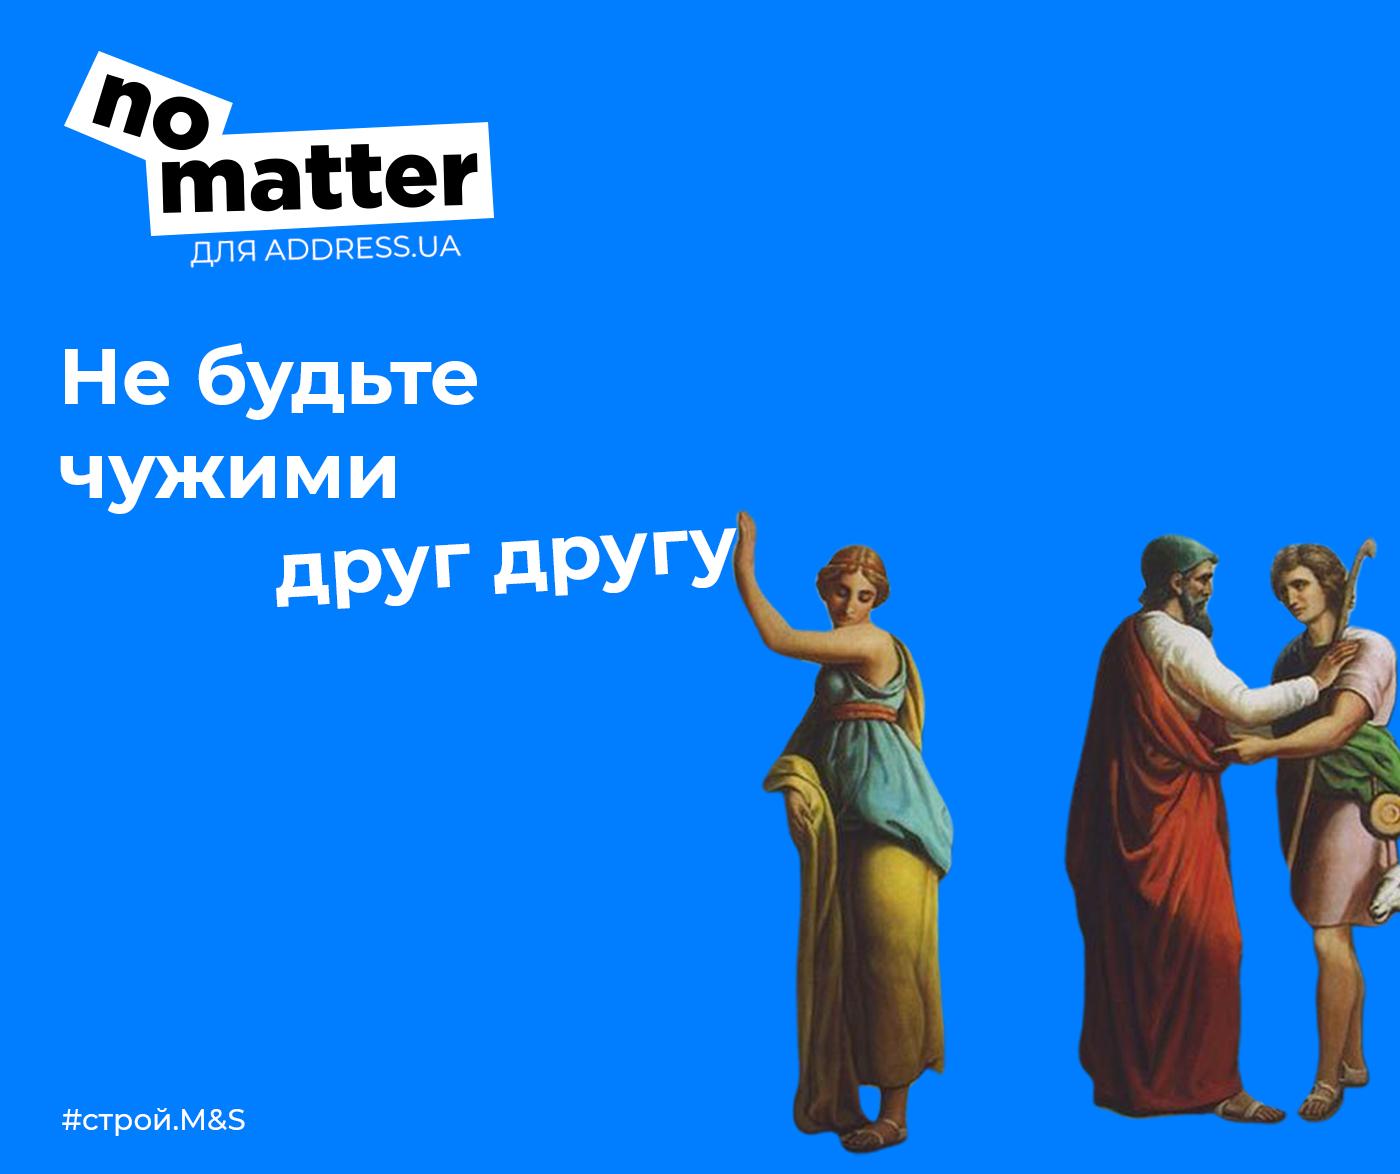 address_no_matter.jpg